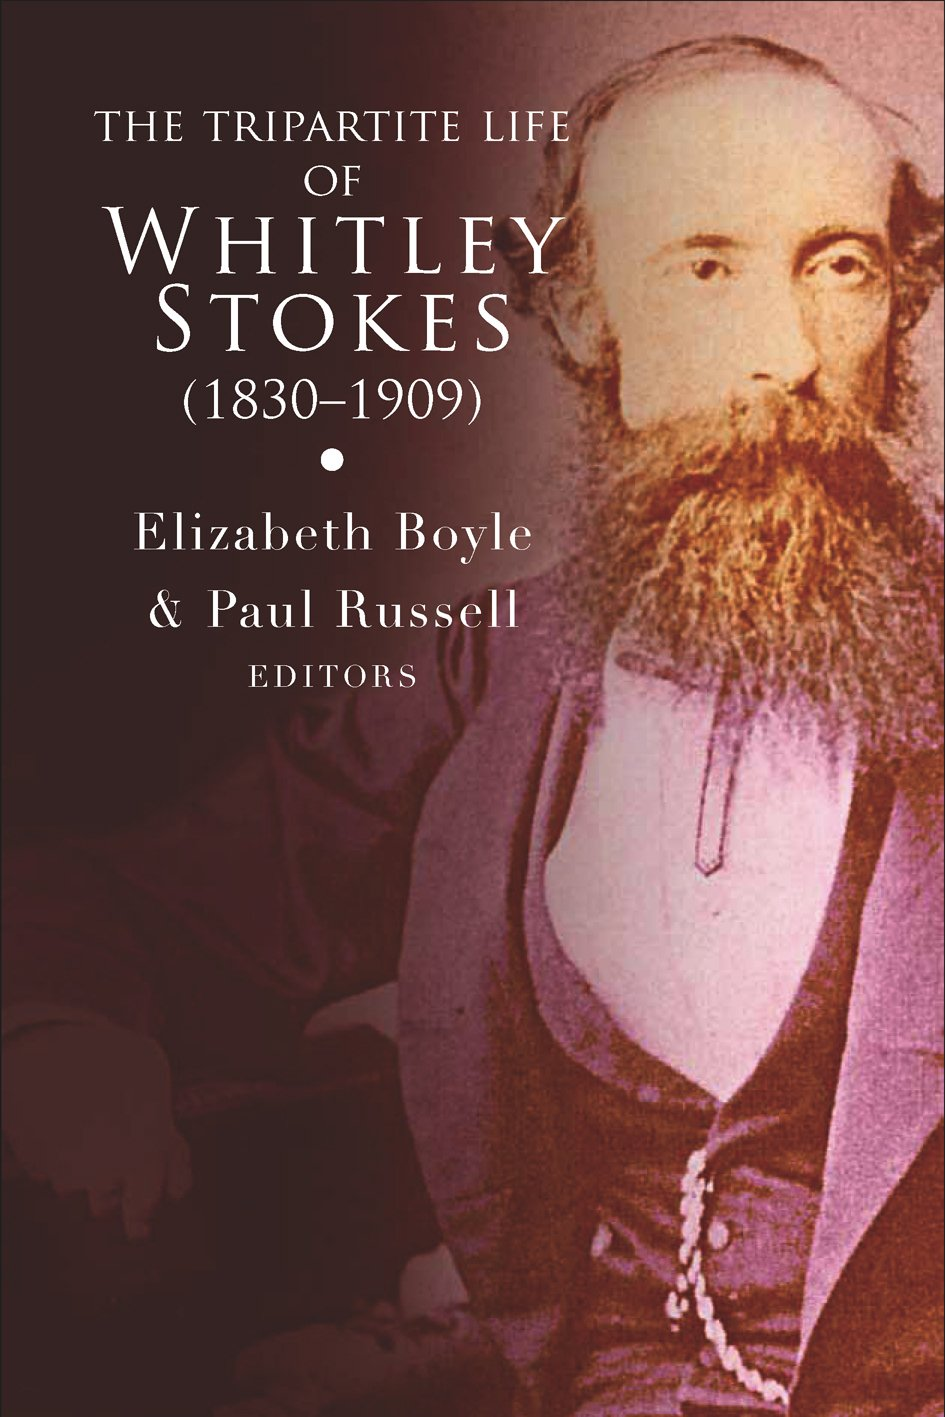 The Tripartite Life of Whitley Stokes (1830-1909)